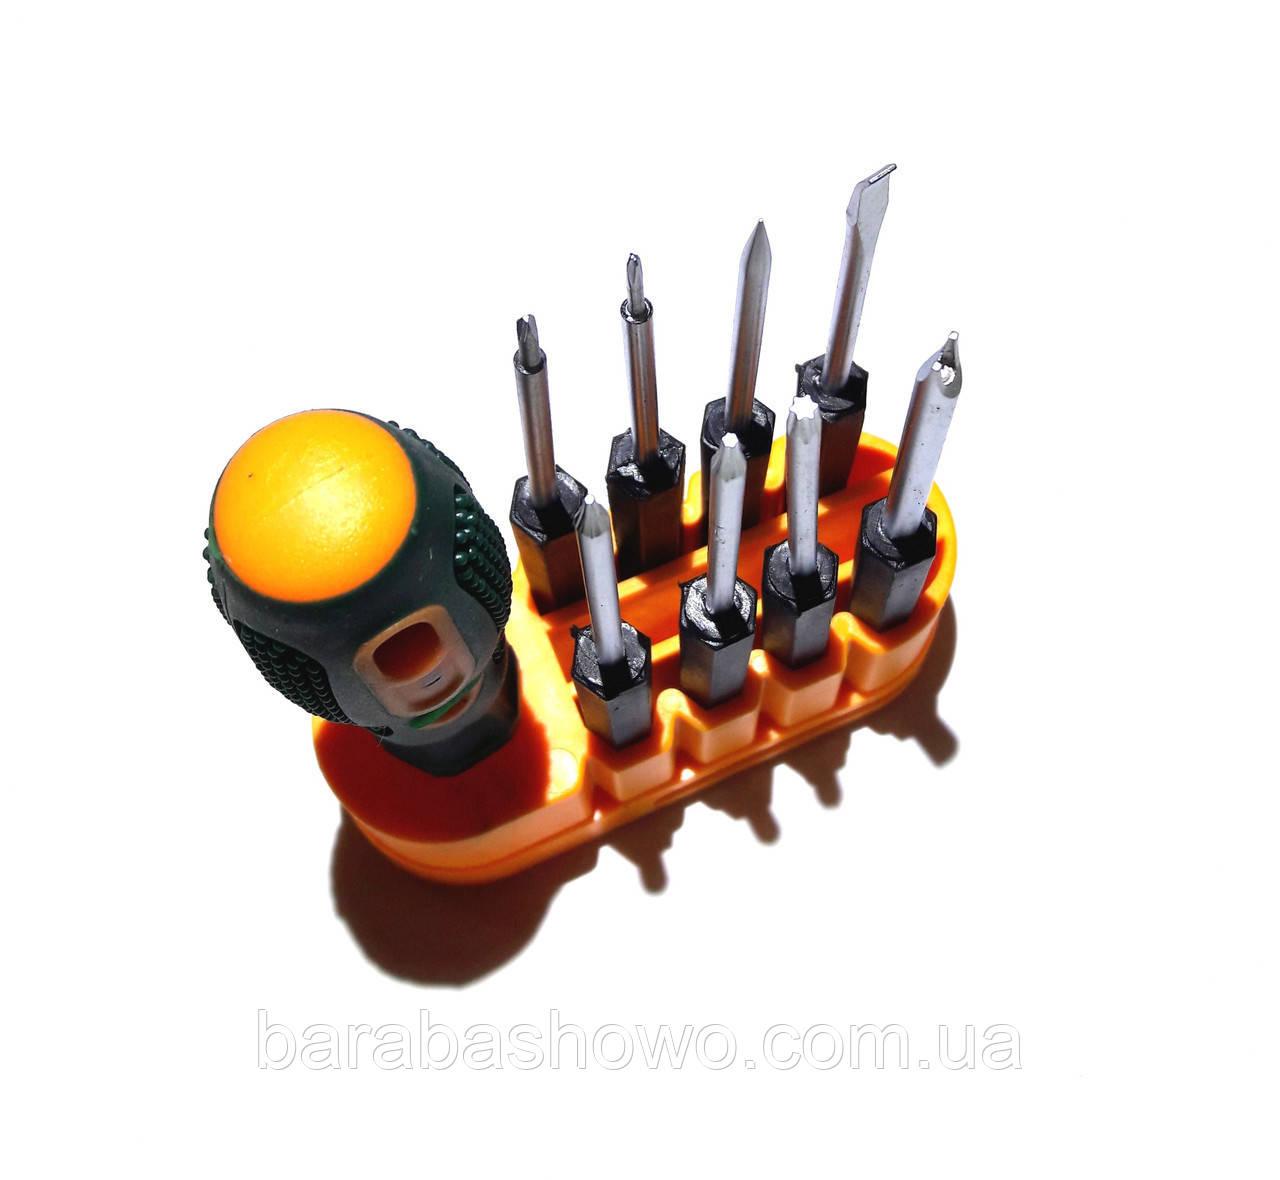 Набор отверток со сменными насадками Xiteli Tools 012